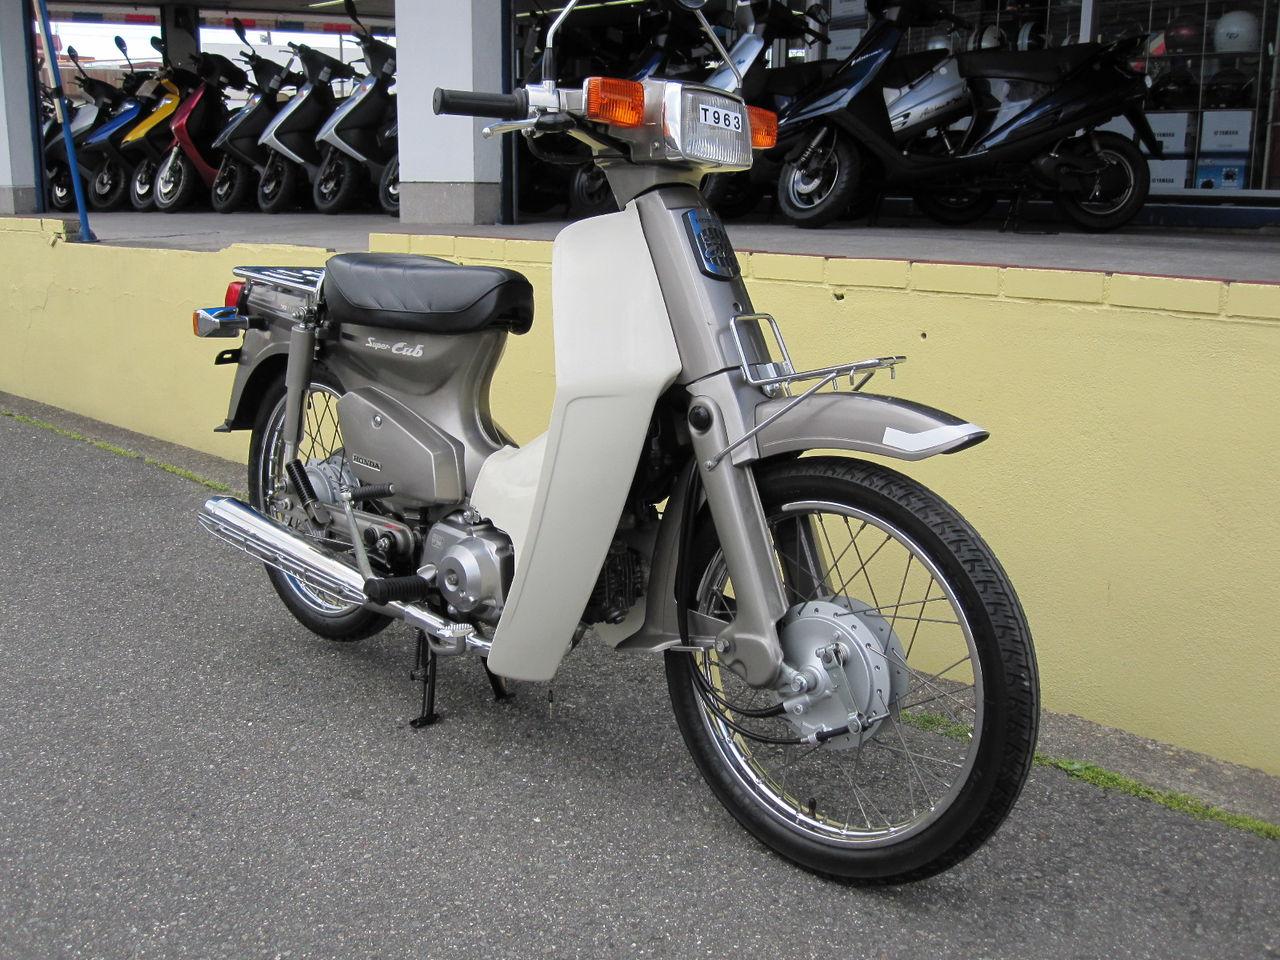 T963-N